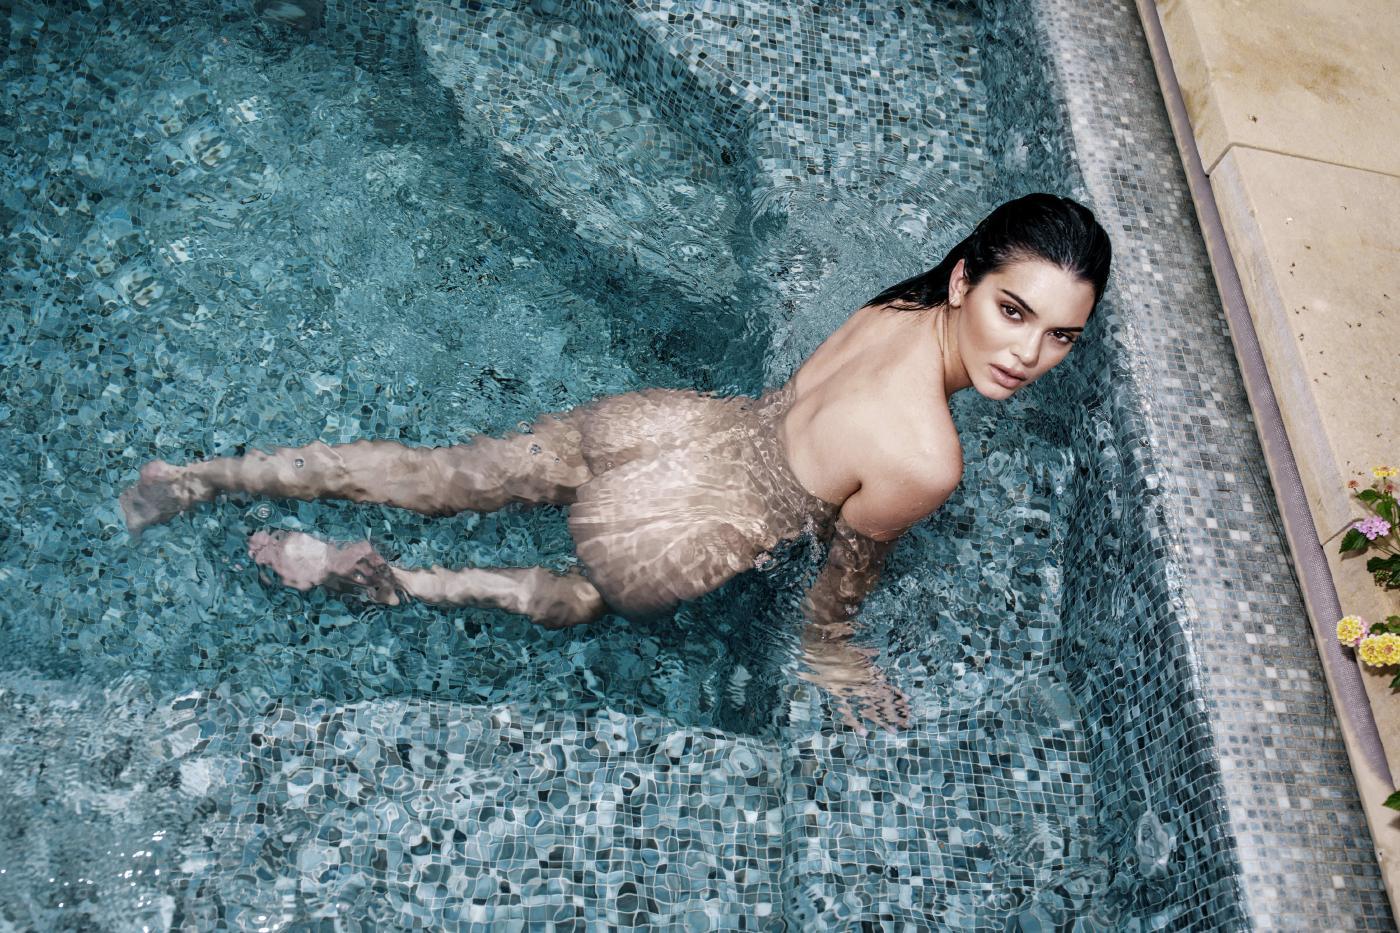 Kendall Jenner Nude Magazine Photoshoot Leaked Pewgcb